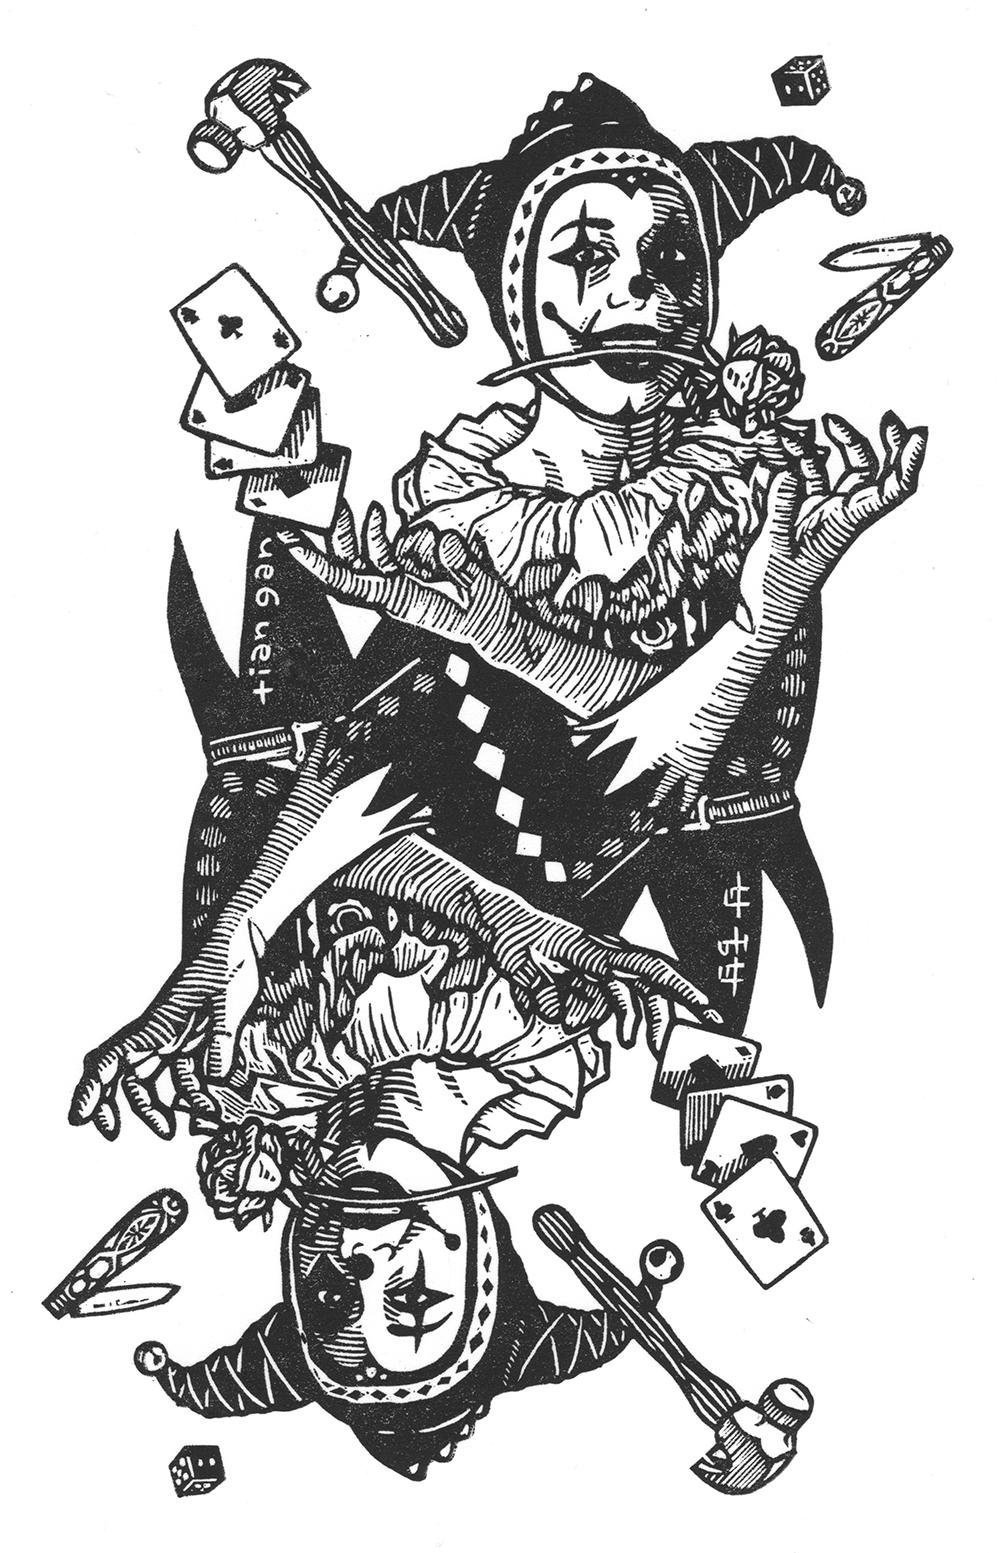 linocut-clas-ohlson-joker-card-1000.jpg